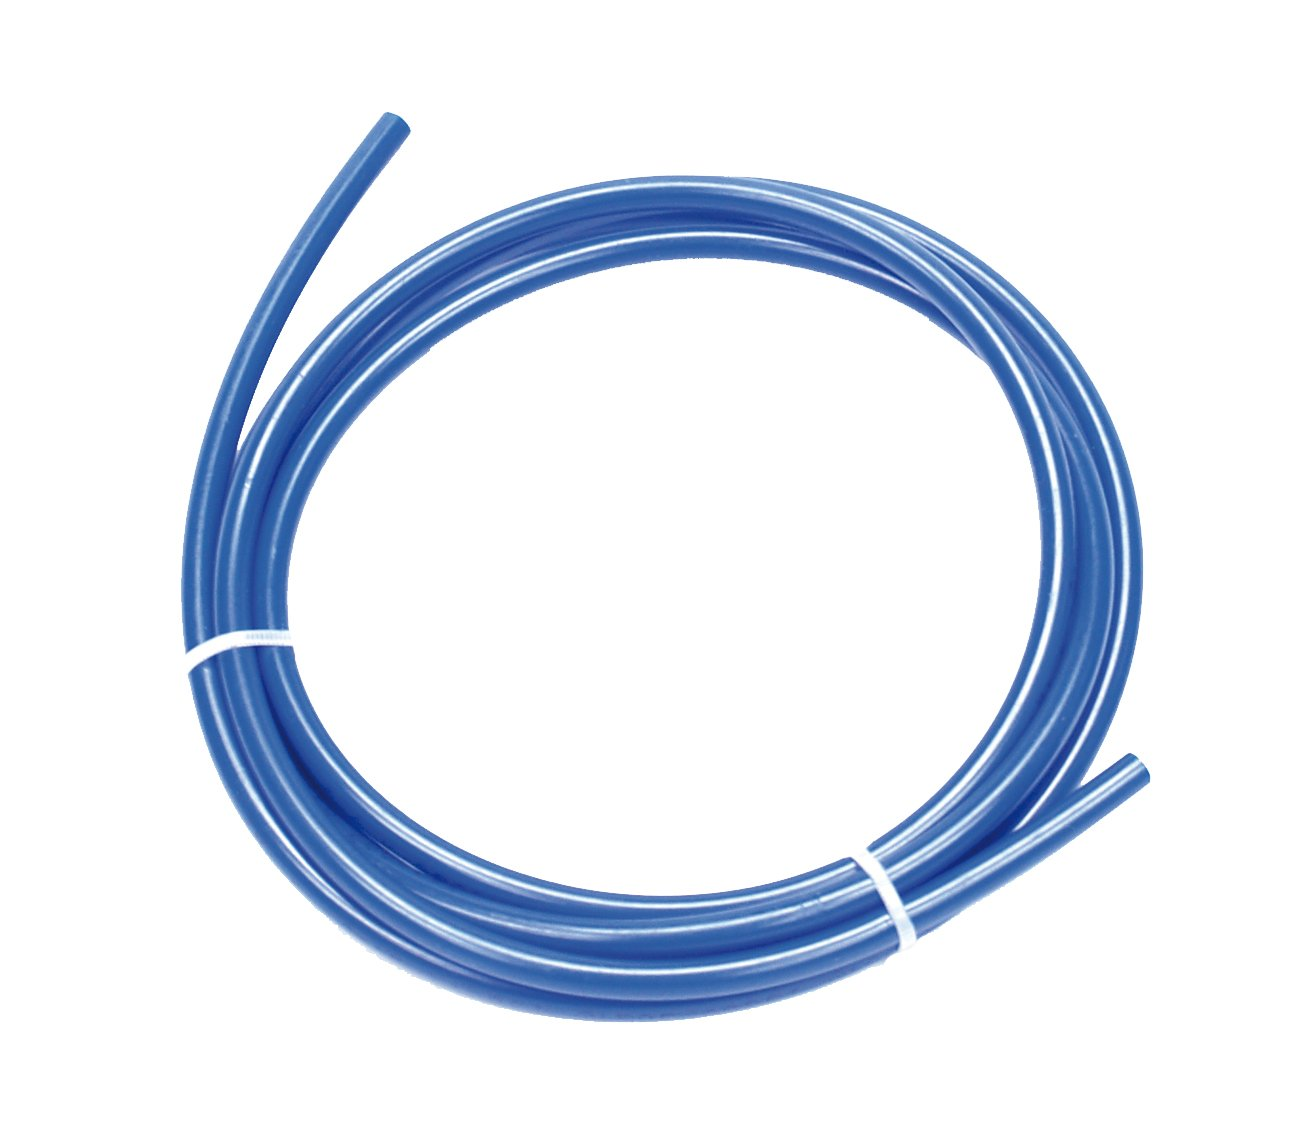 Dennerle Tuyau d'eau Osmosée pour Aquarium Bleu 2 m 7029